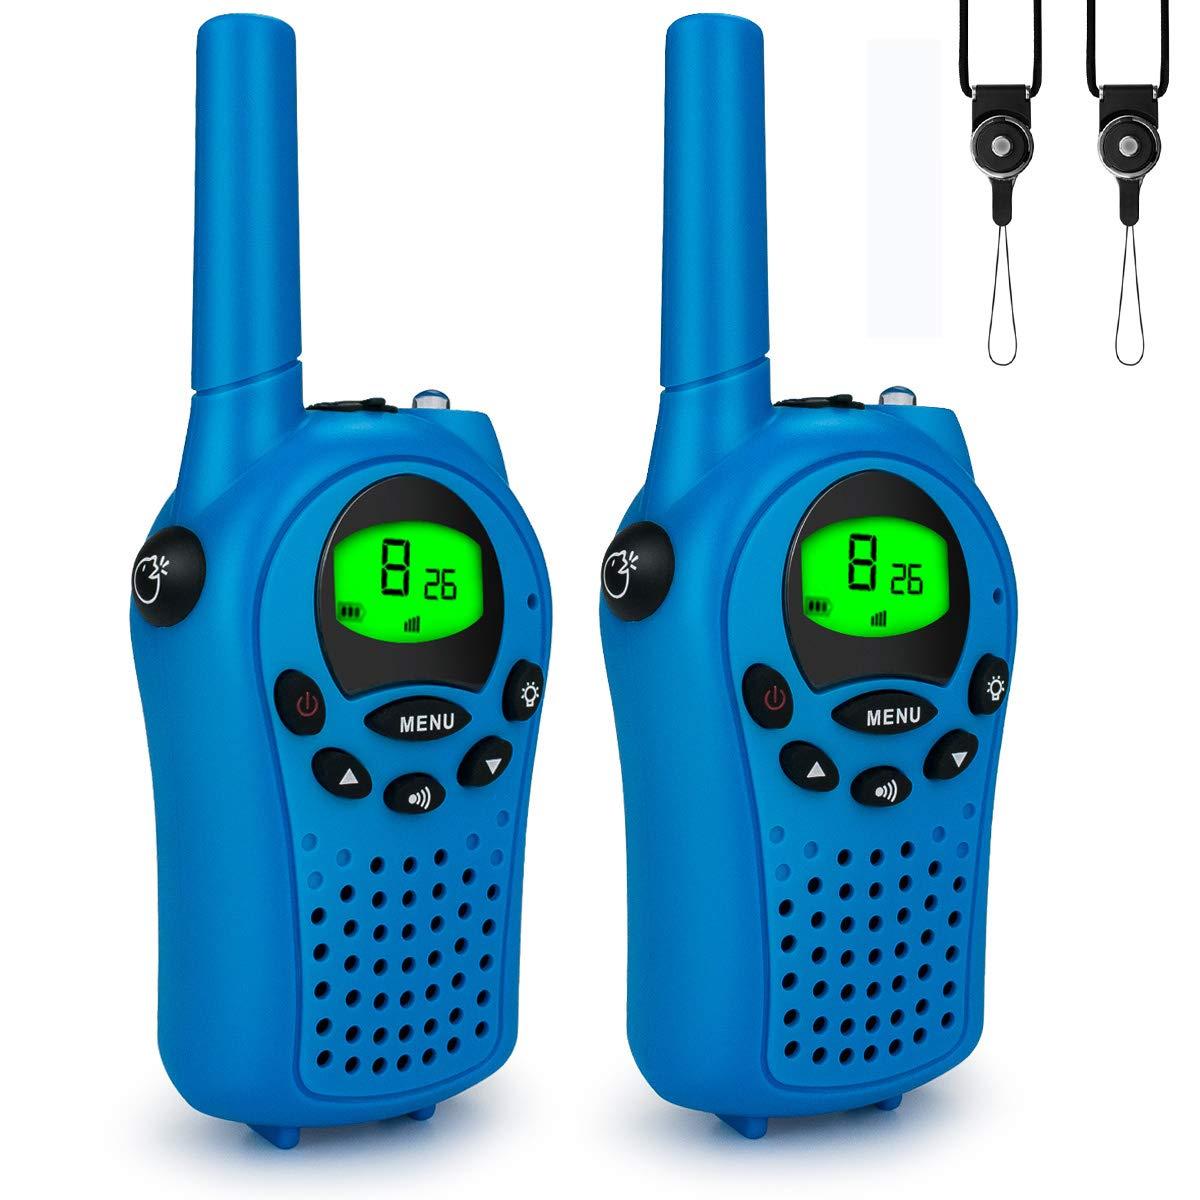 Alcoon 2 St/ücke Walkie Talkies Set Kinder Funkger/äte Und Batterie und Outdoor-Reisen LC-Display VOX 8 Kan/äle Taschenlampe Funkger/ät Blau